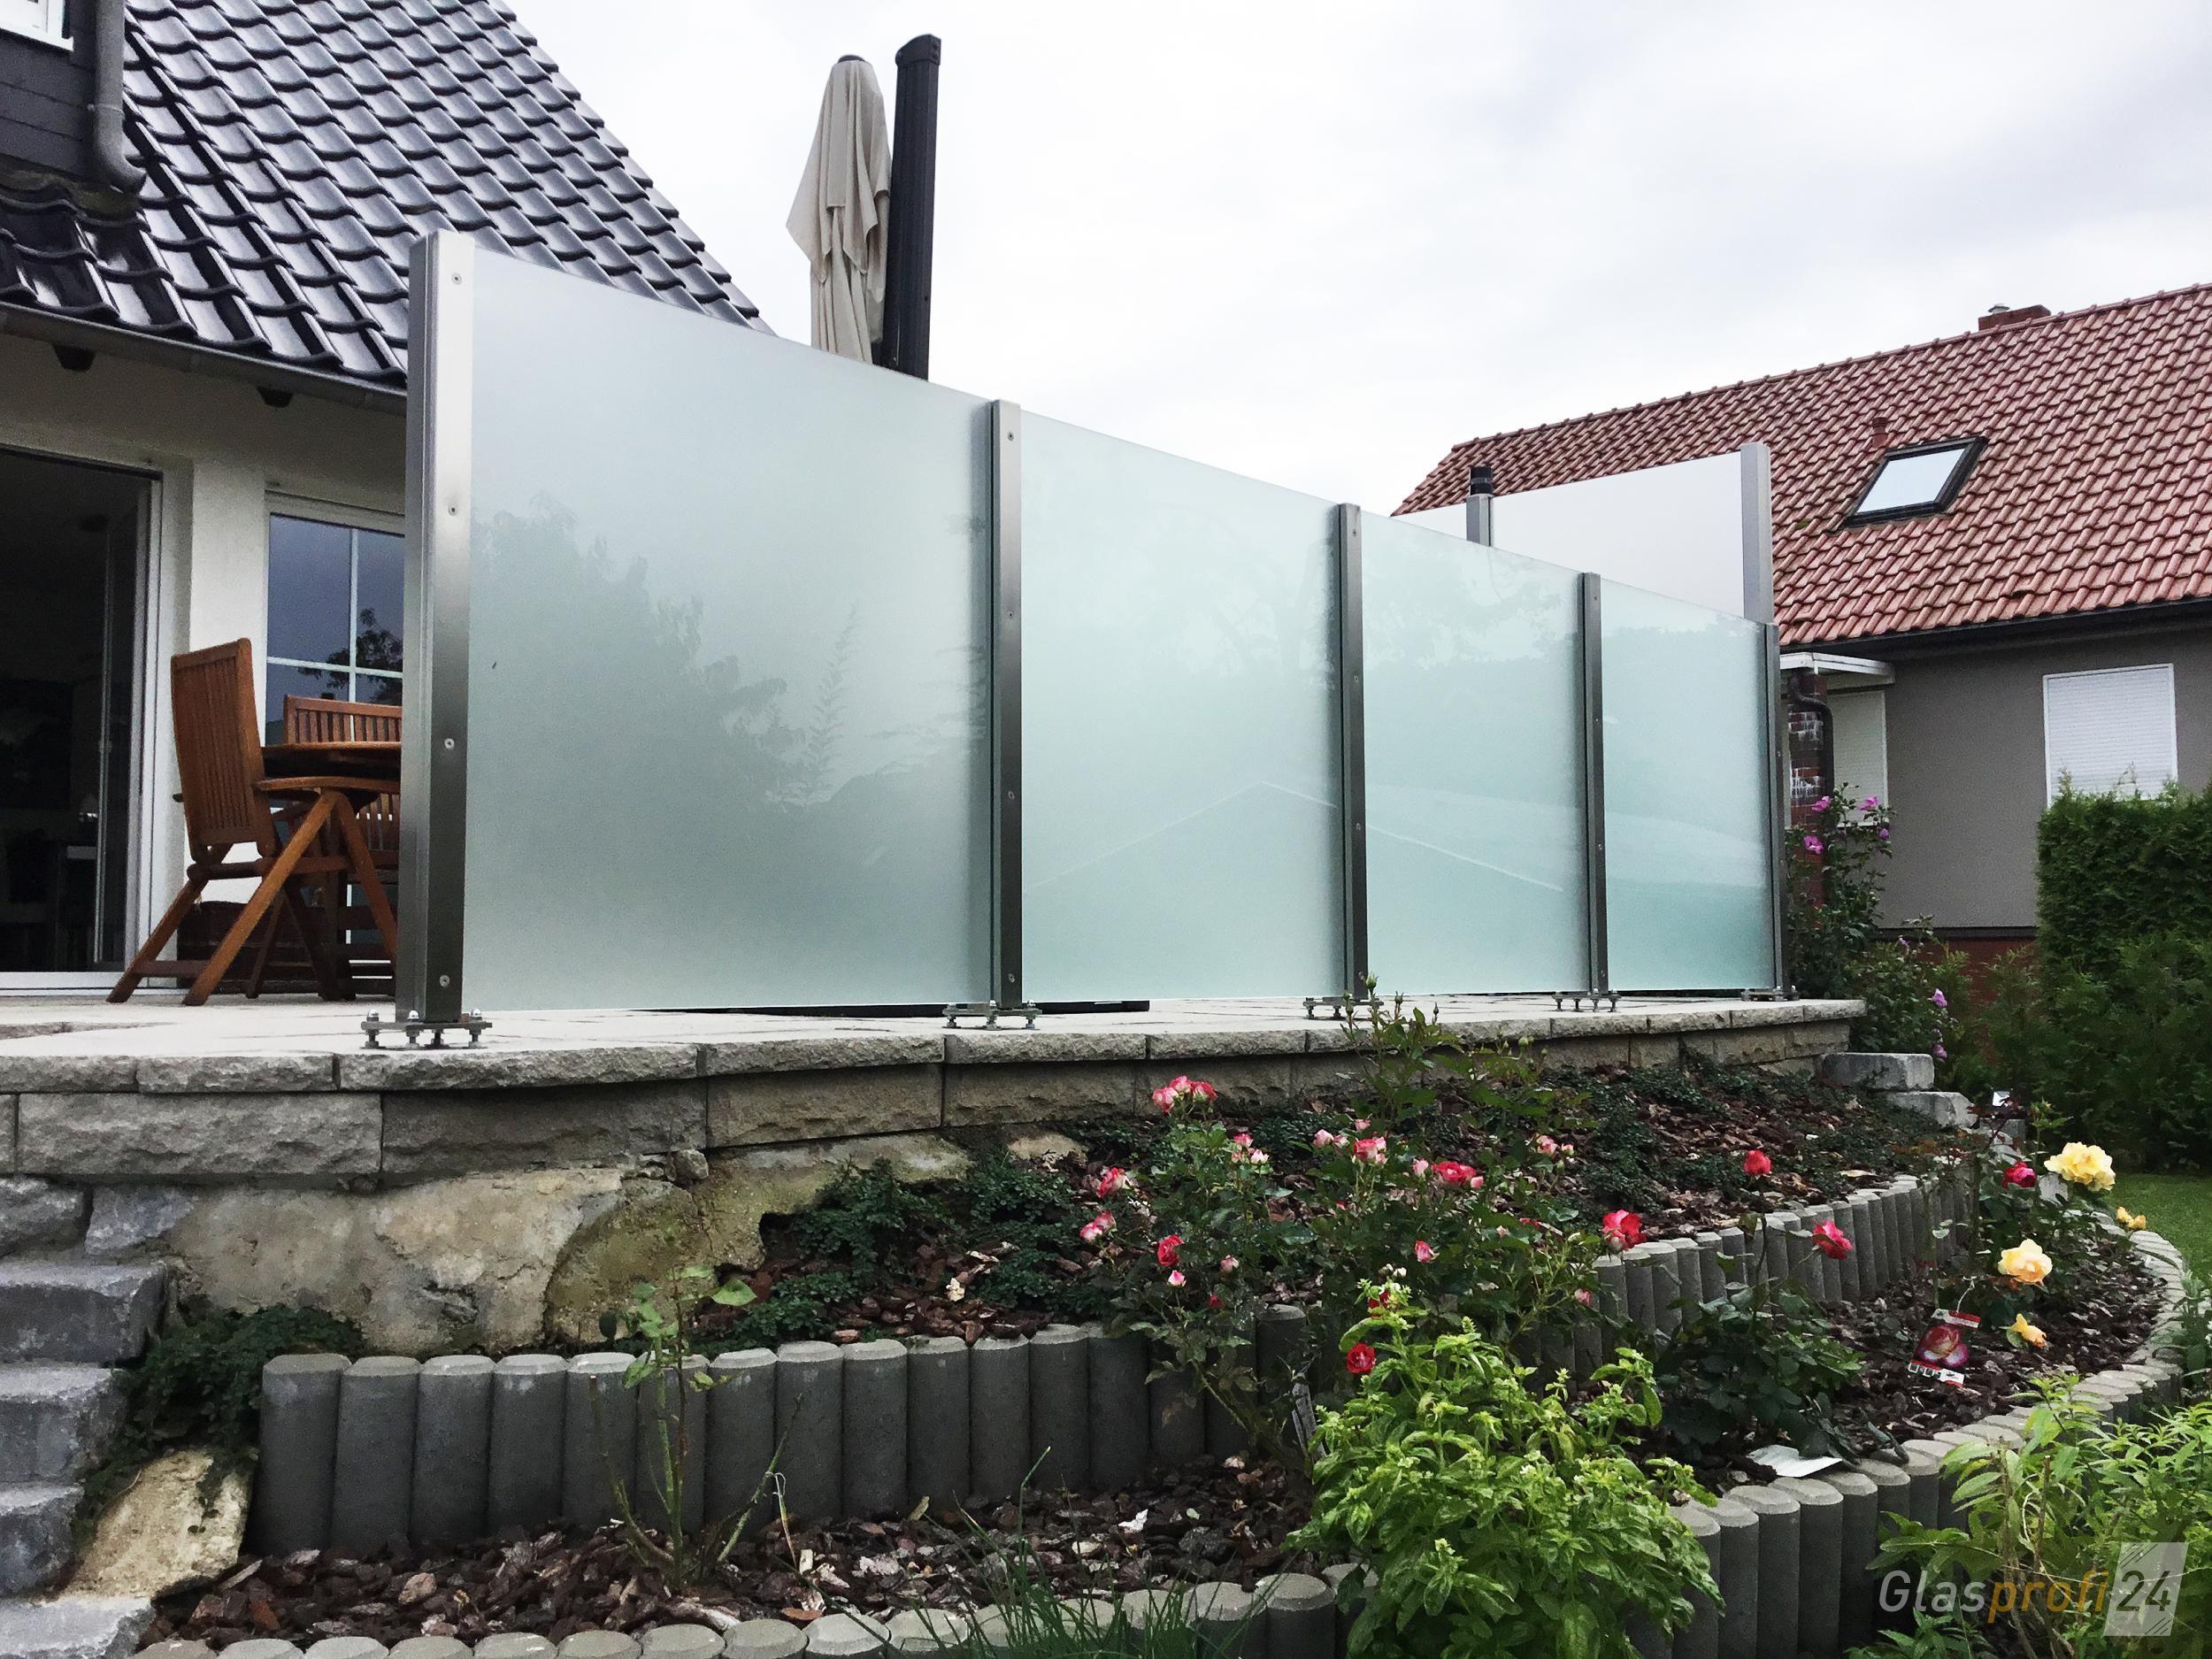 Windschutz Für Die Terrasse Glasprofi24 Windschutz